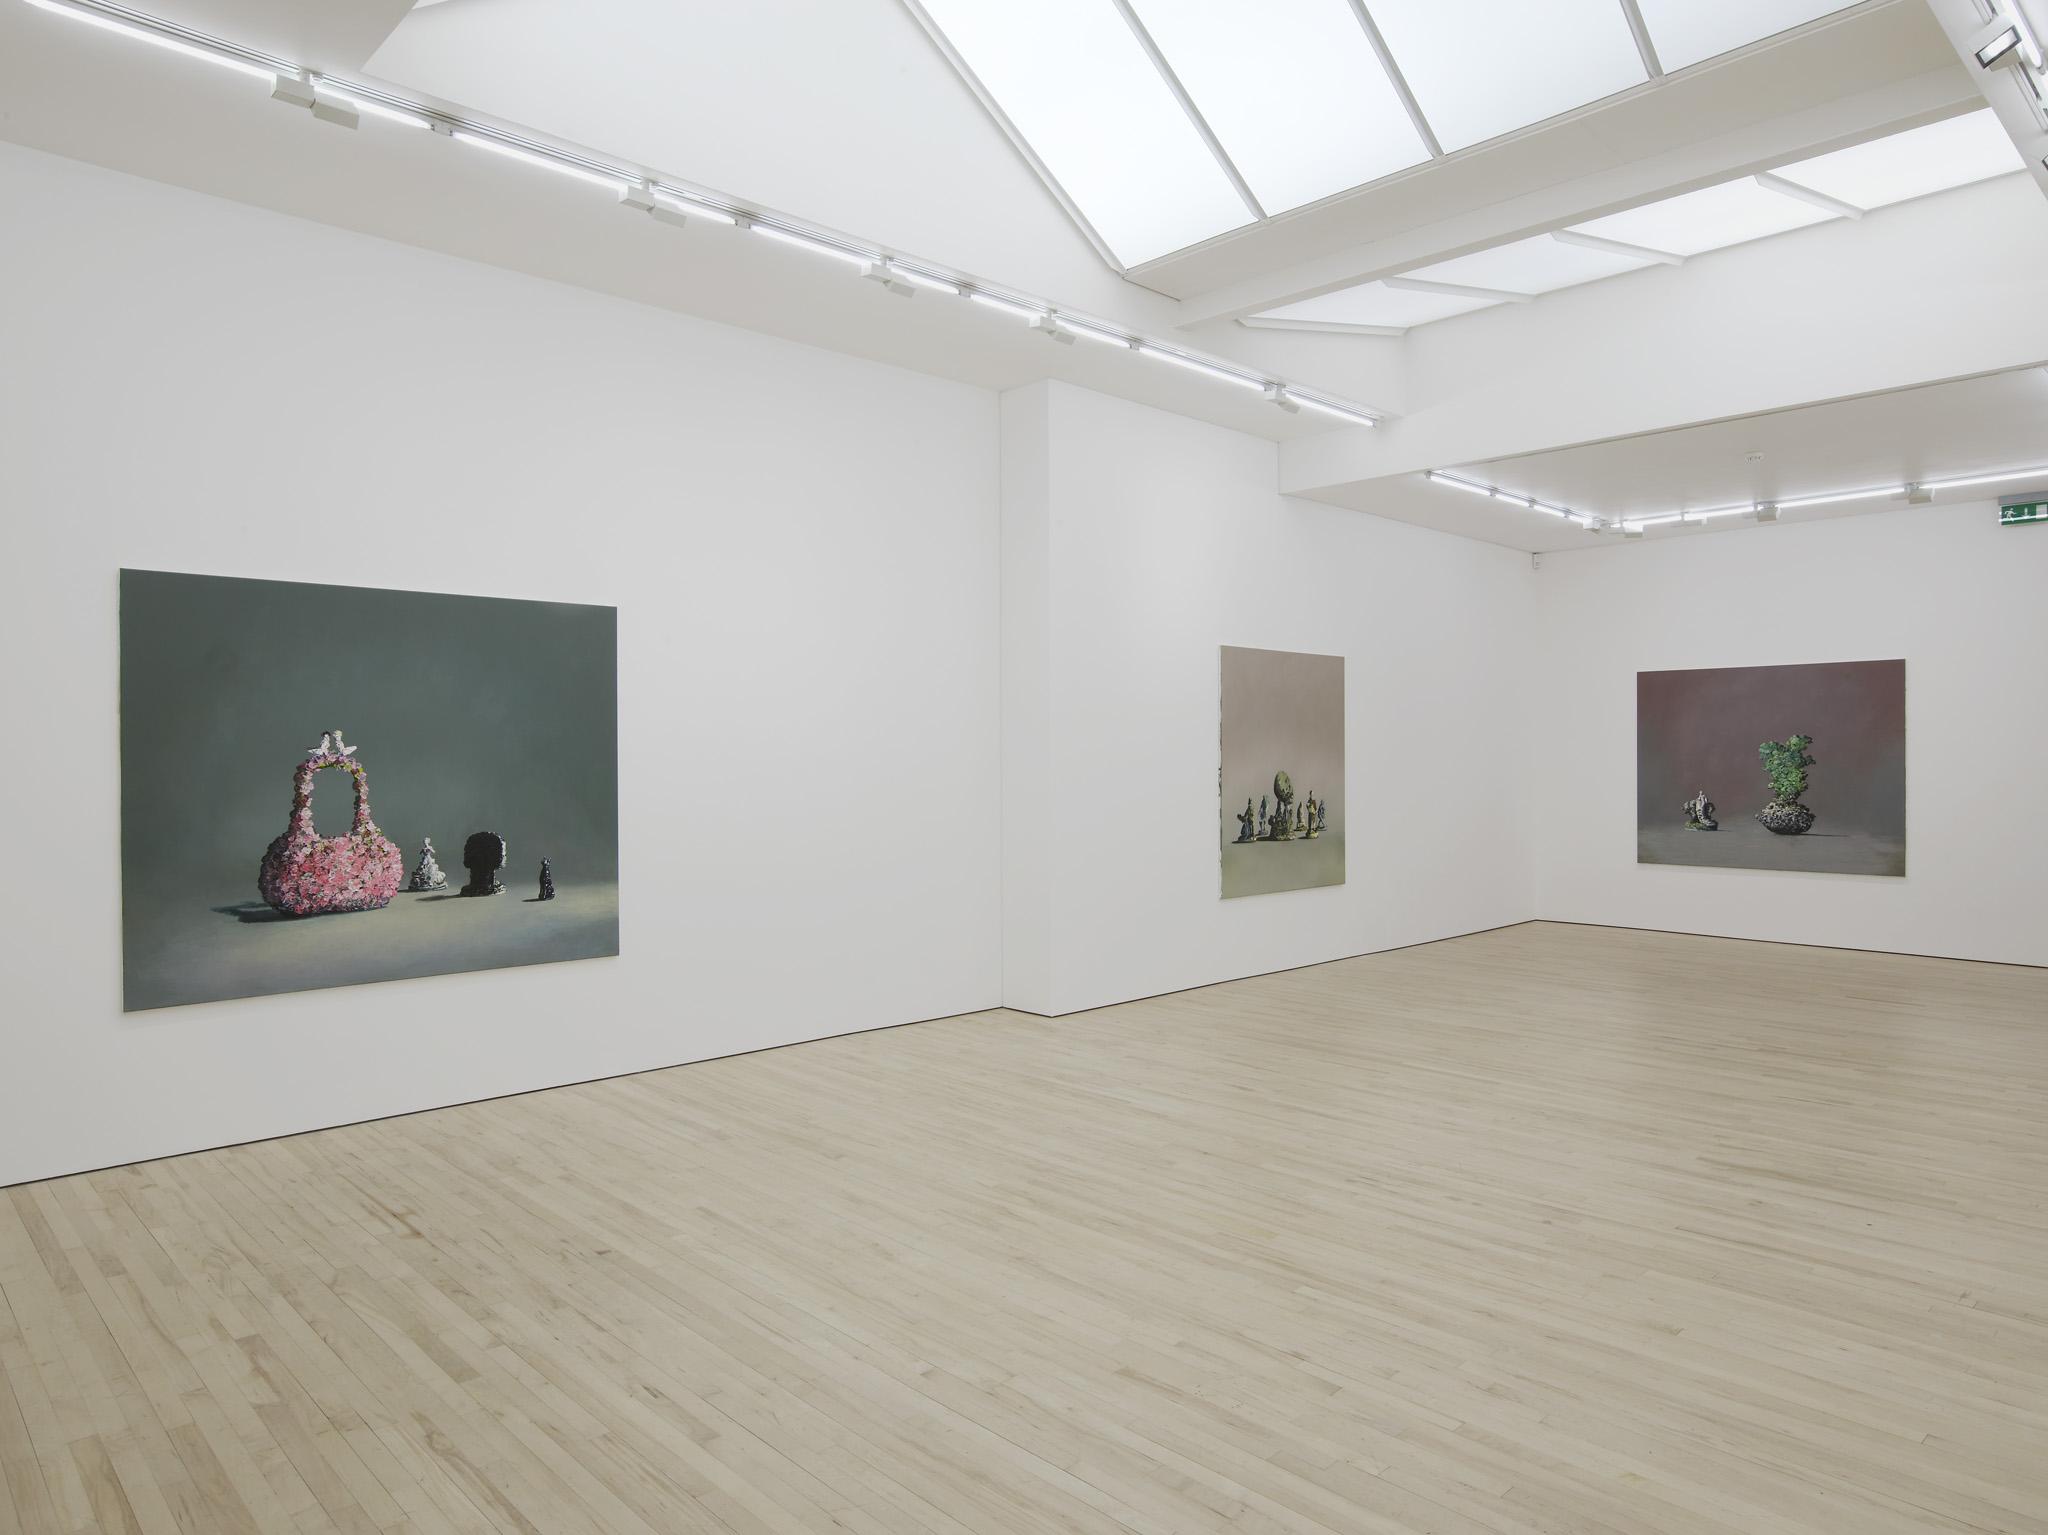 11 - Ivan Seal at Carl Freedman London